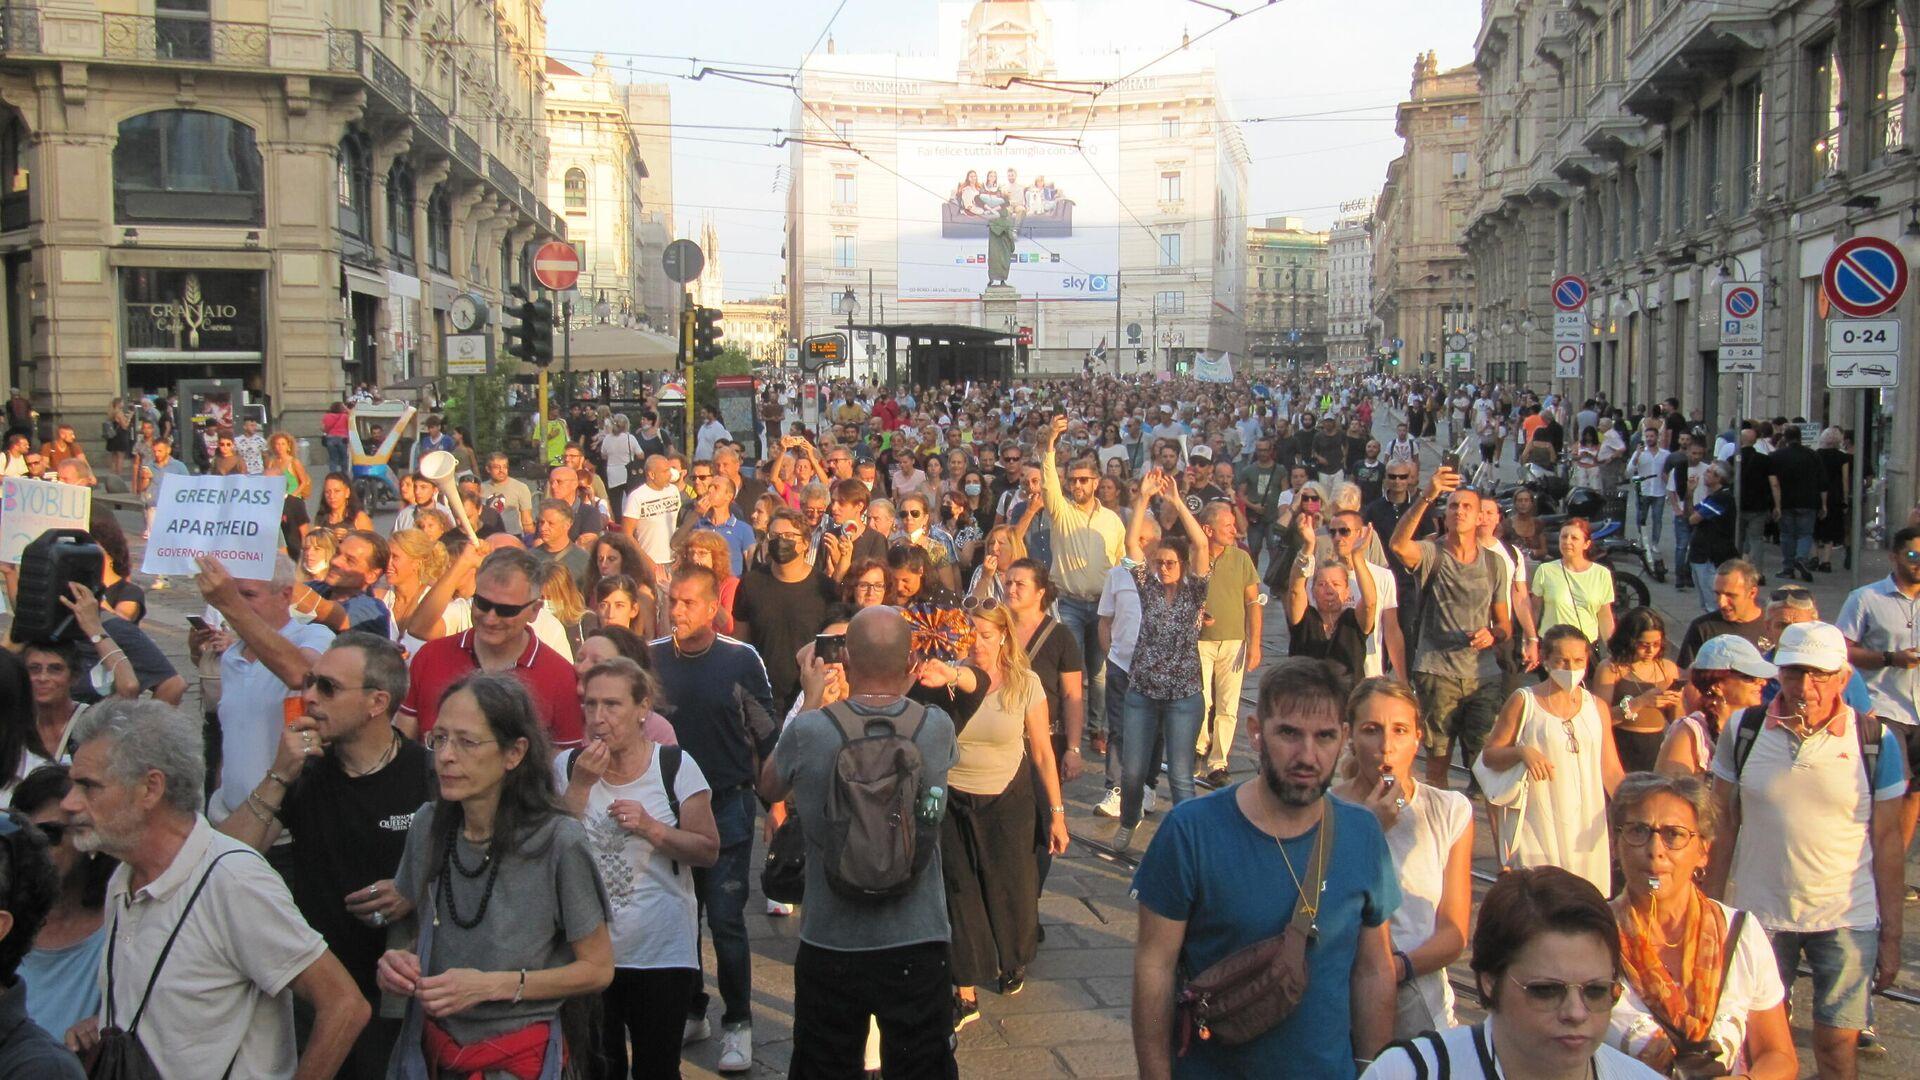 Milano manifestazione contro il Green Pass - Sputnik Italia, 1920, 28.09.2021